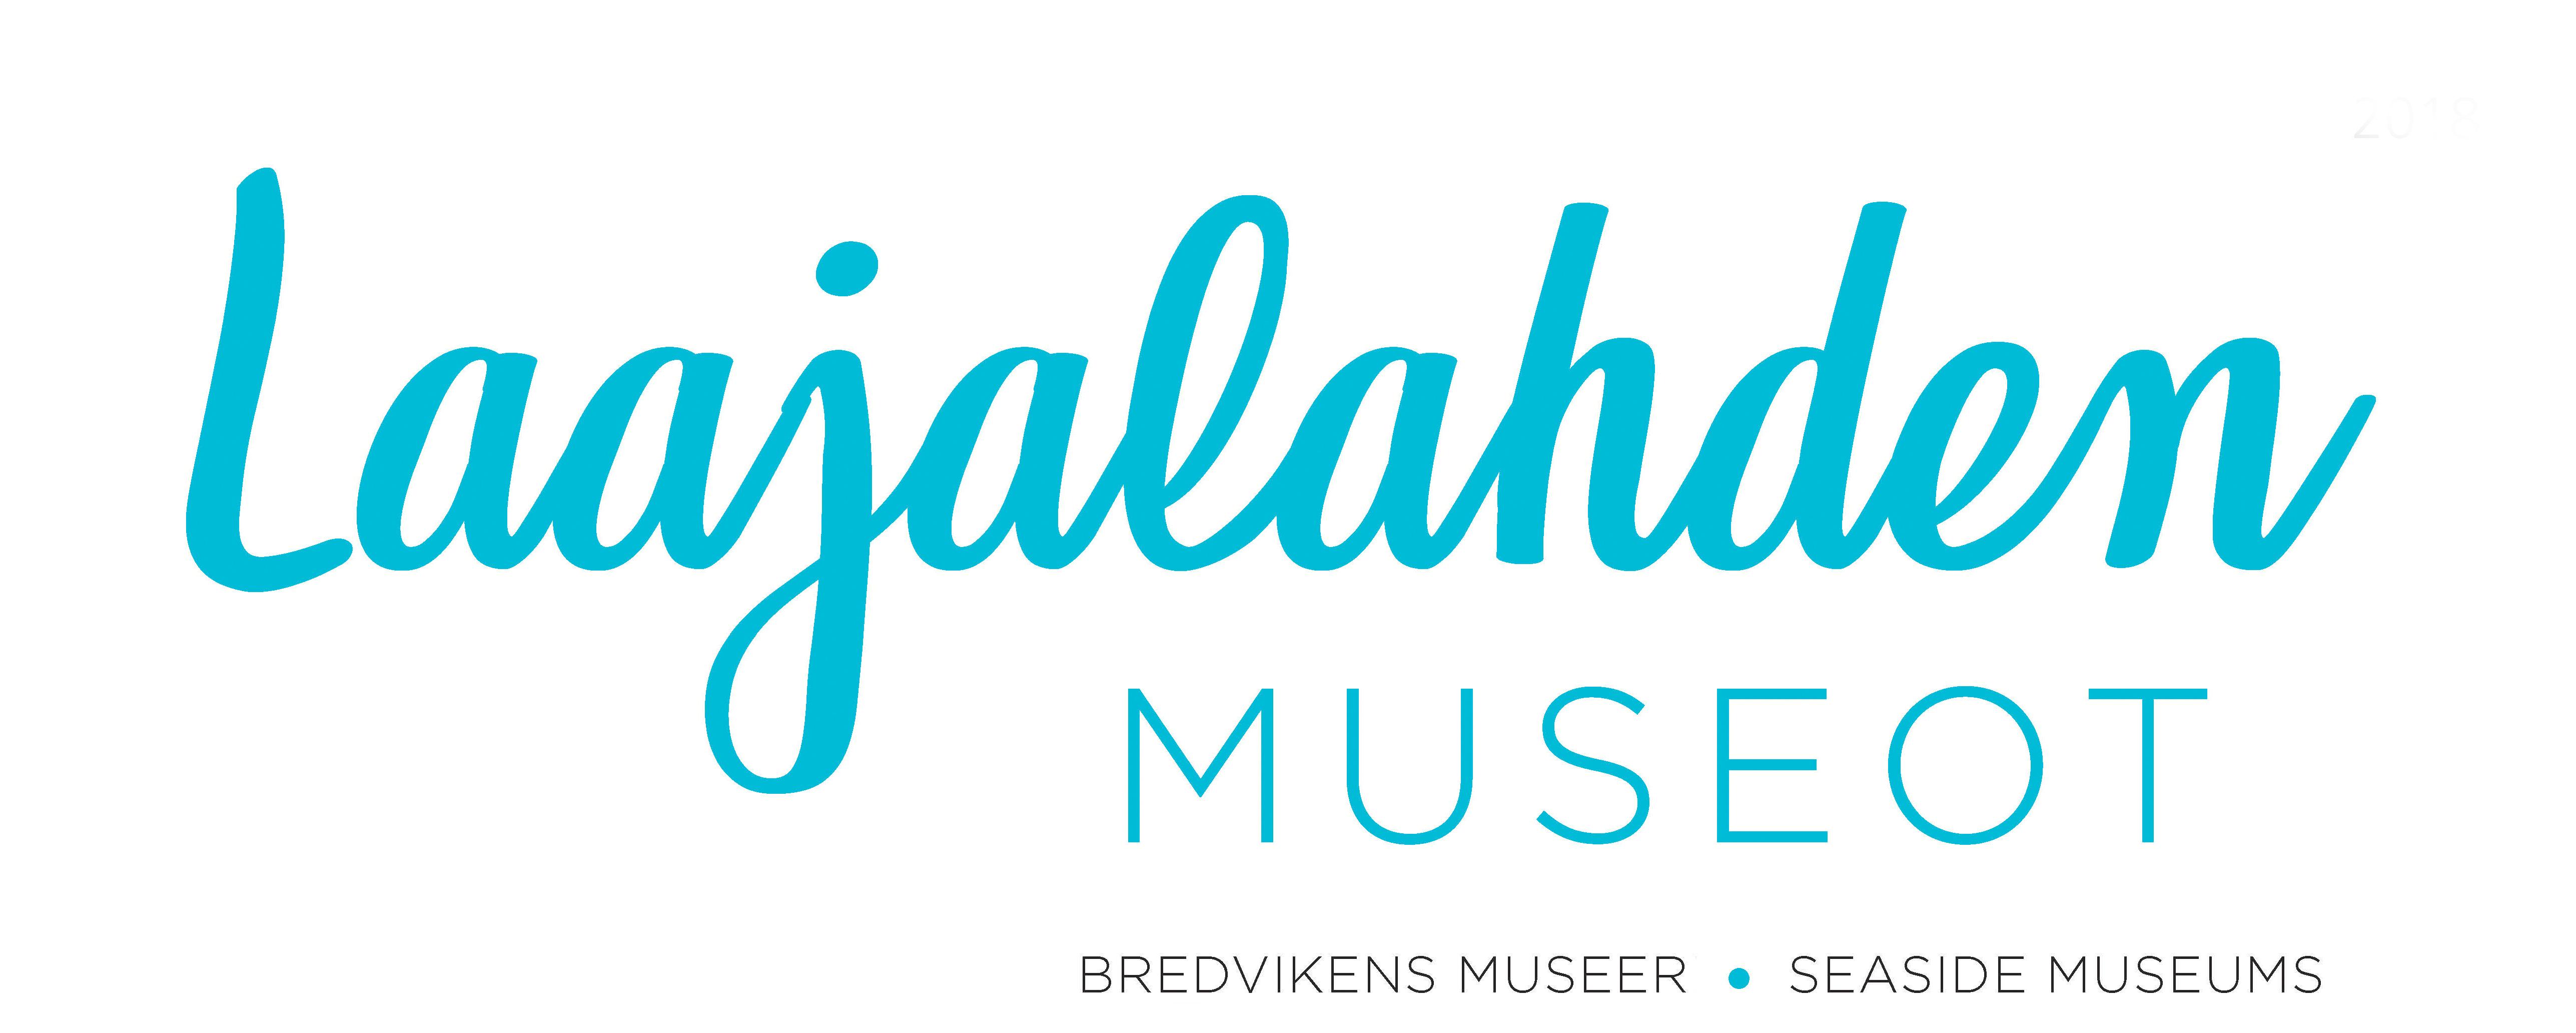 Laajalahden museot_banneri